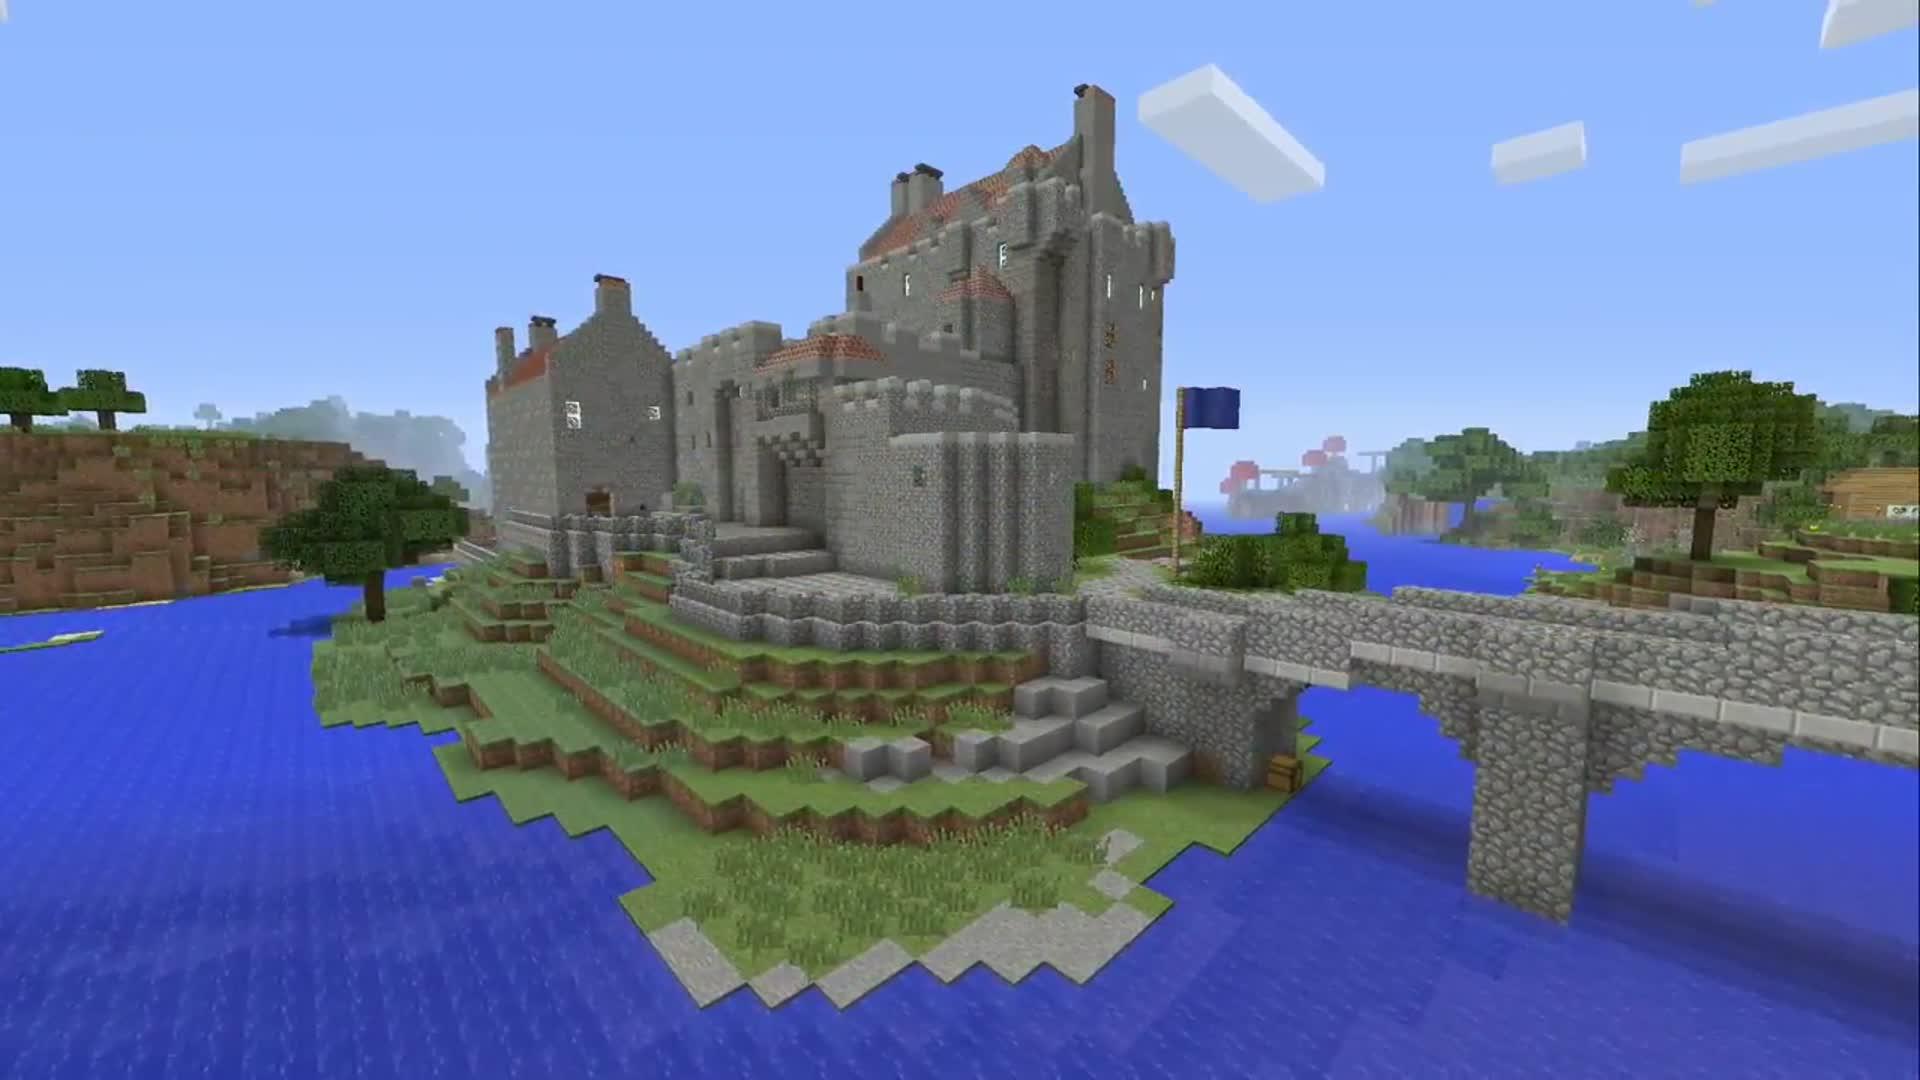 Minecraft Update Bringt Pferde Und Viele Neue Blöcke Mit Sich - Minecraft spiele mit pferden